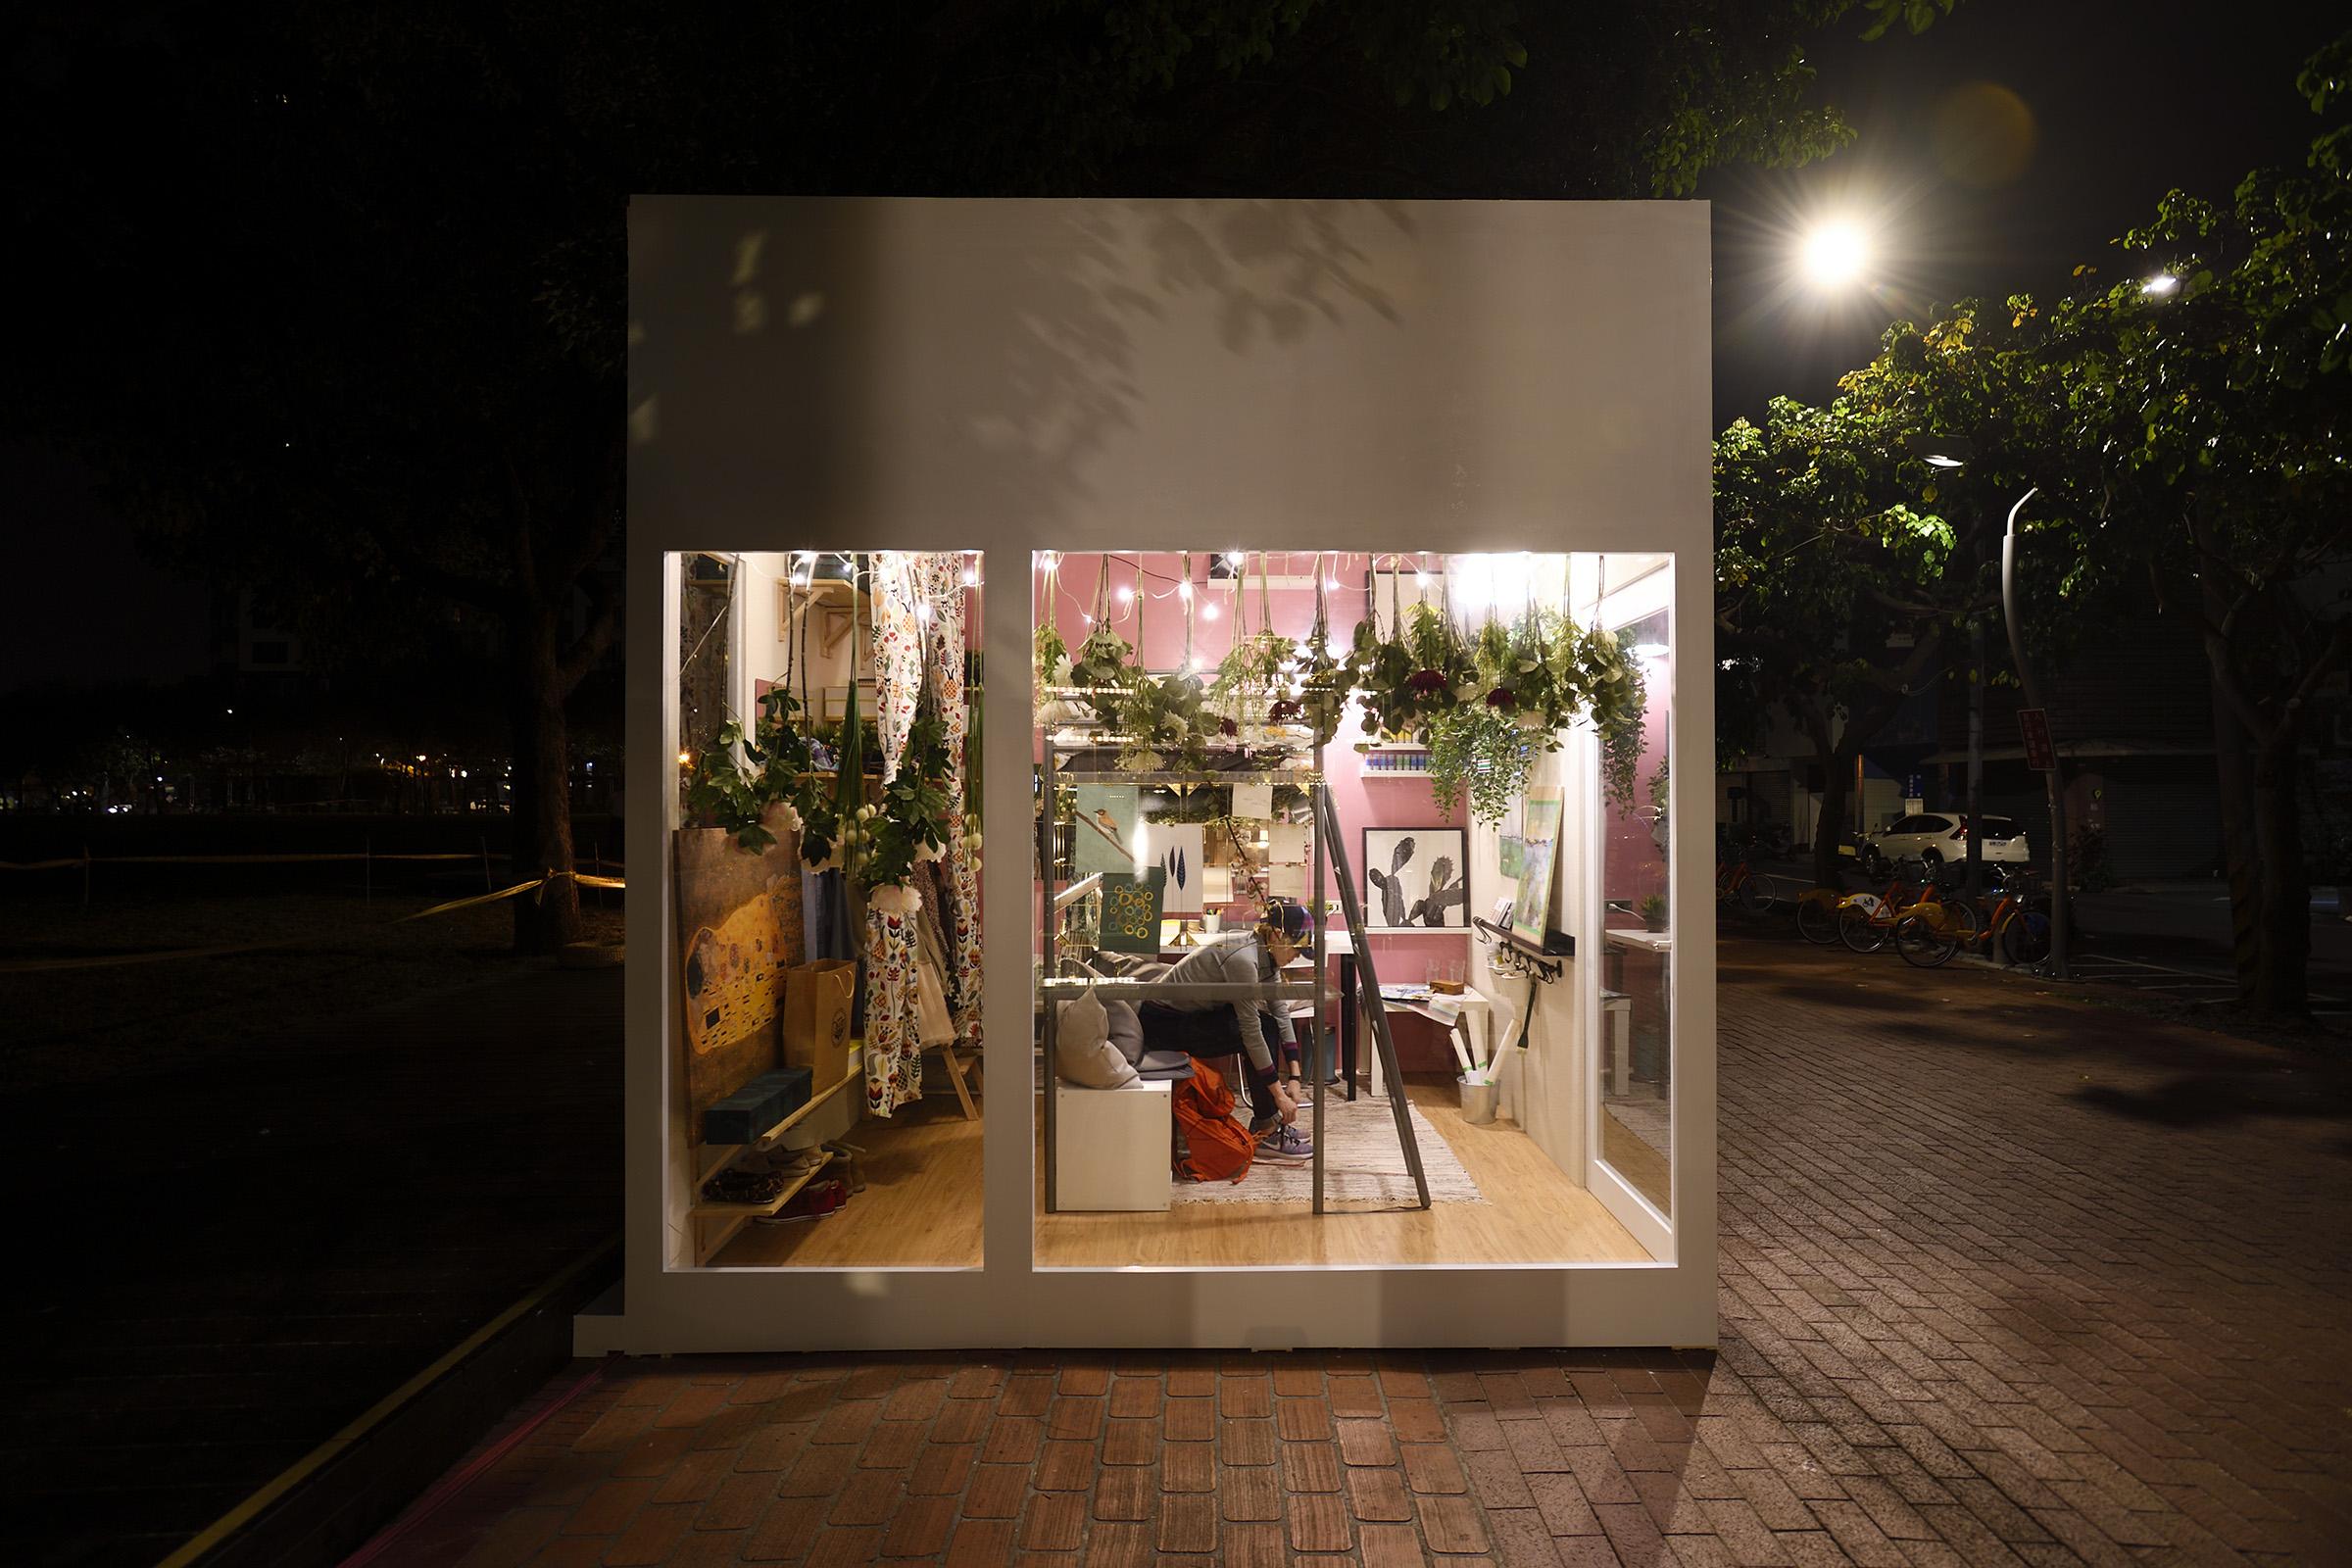 設計單位 哈塔阿沃建築設計事務所